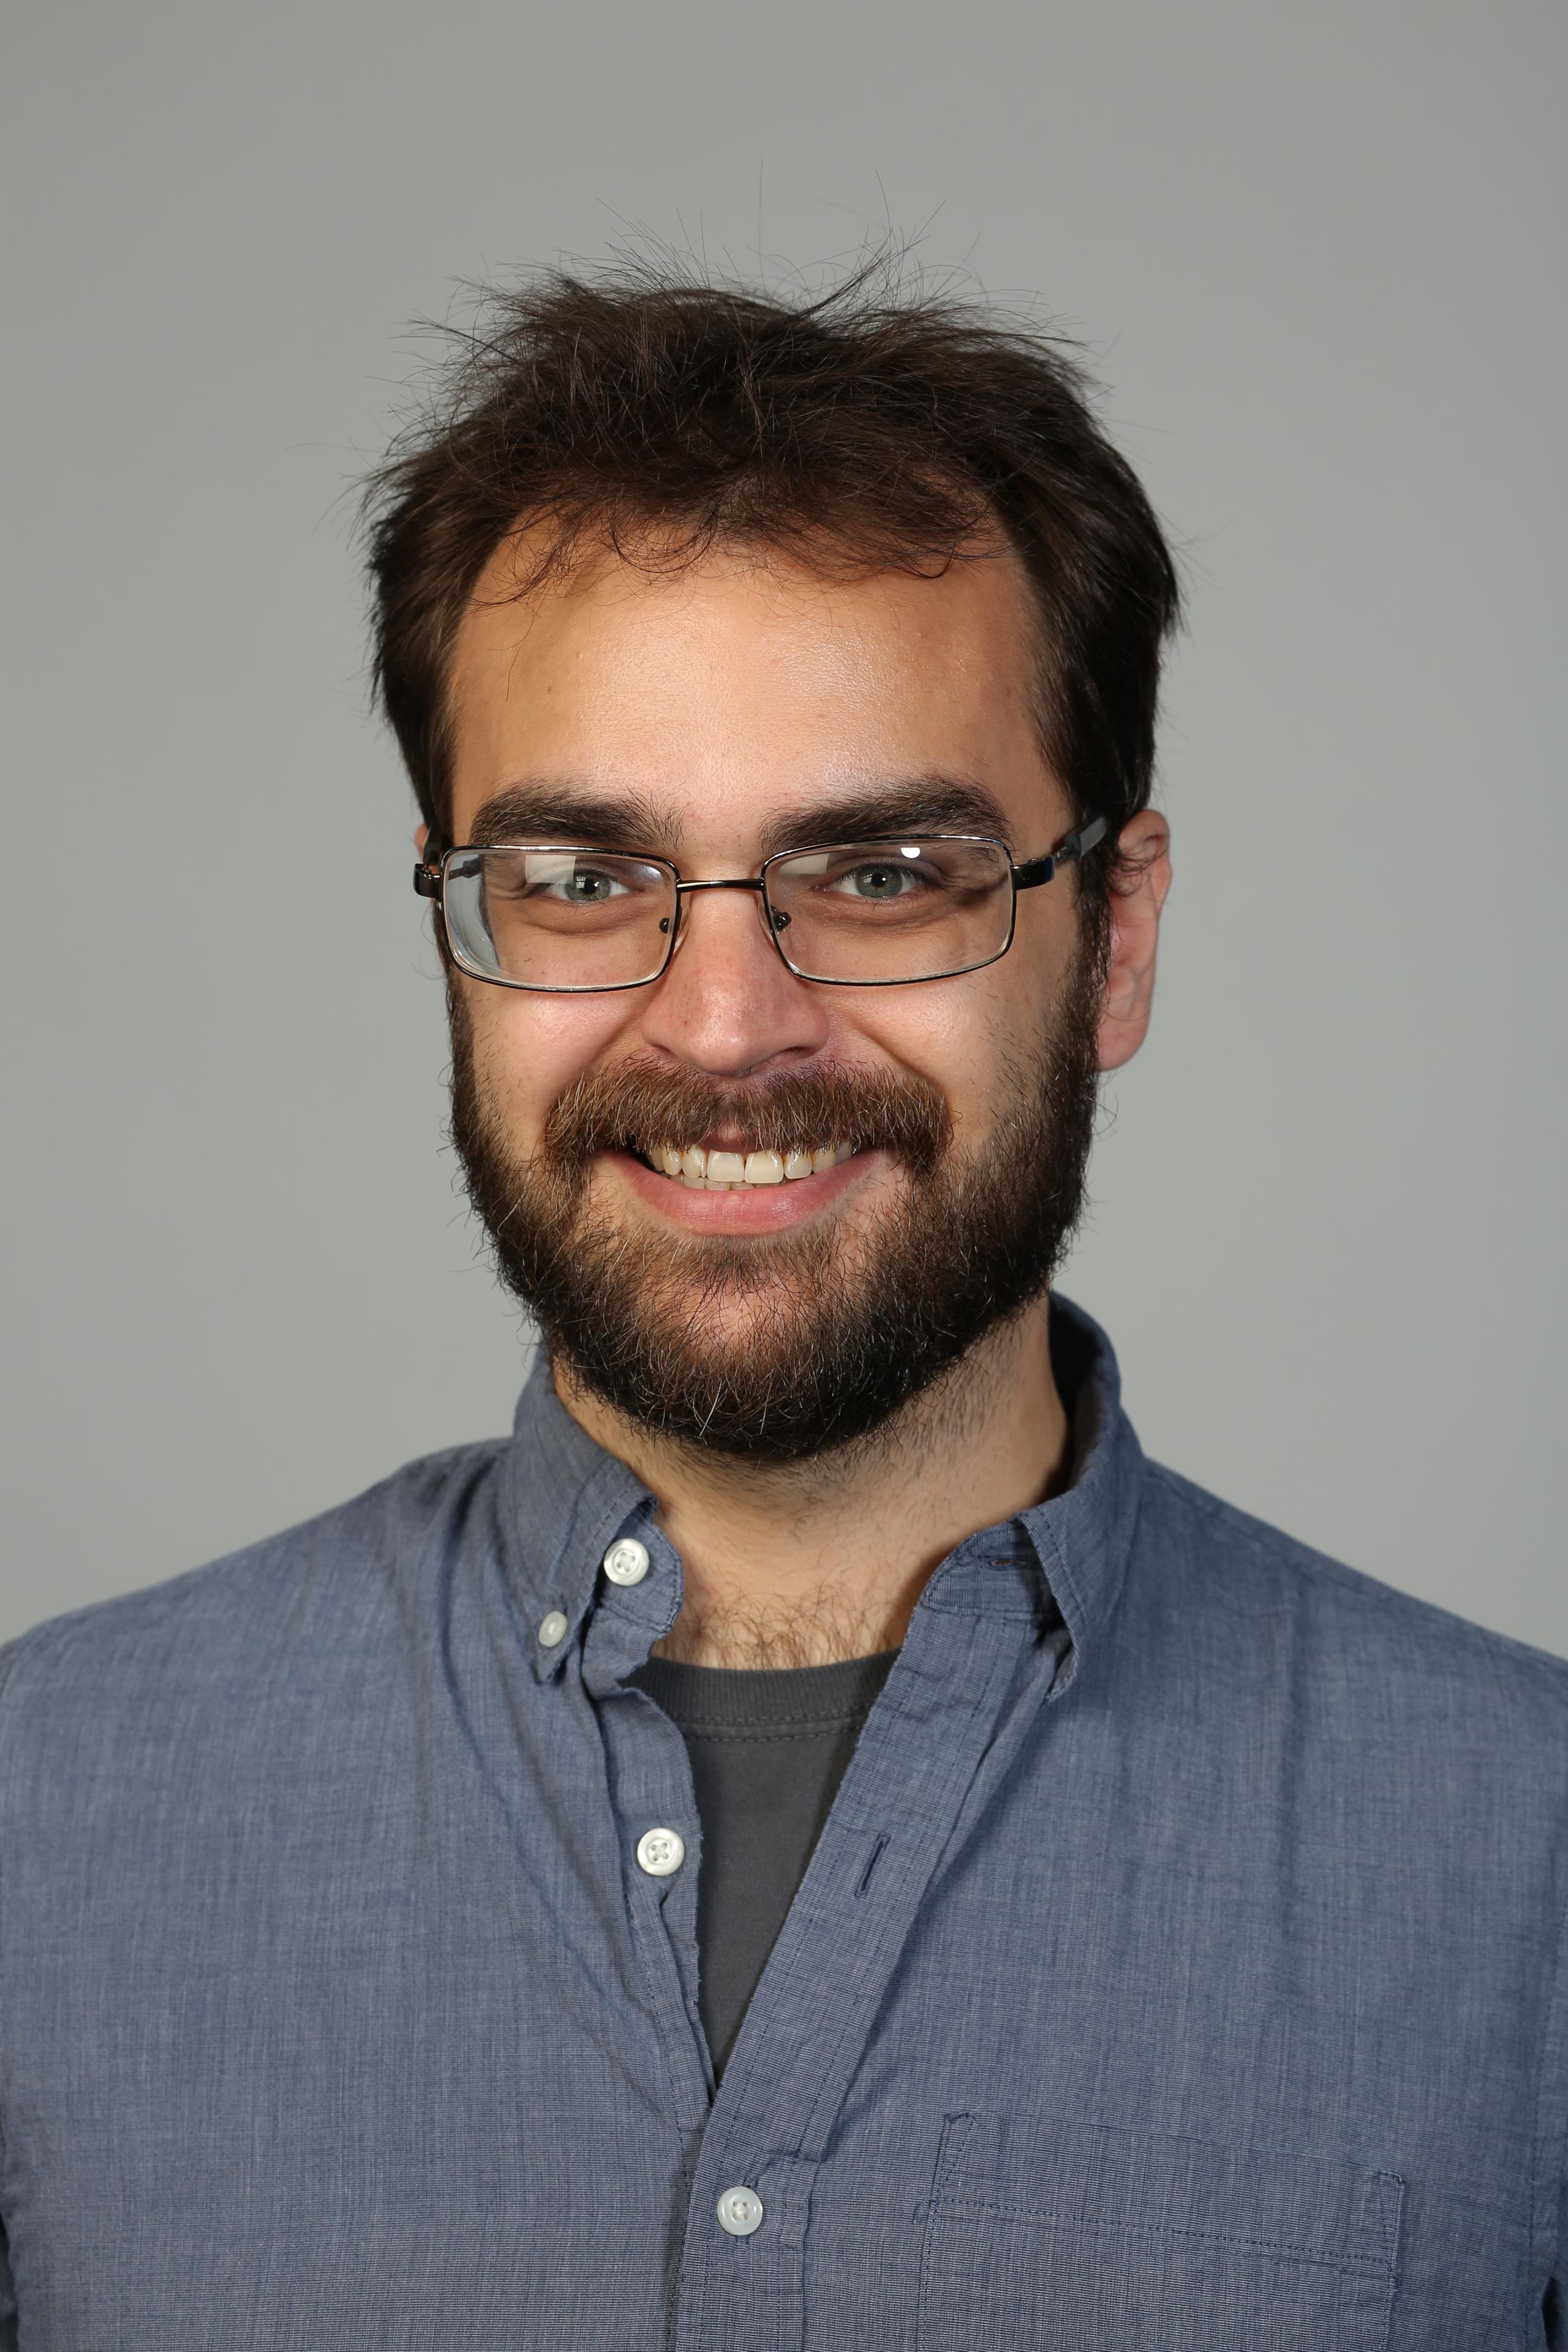 Derek McAllister